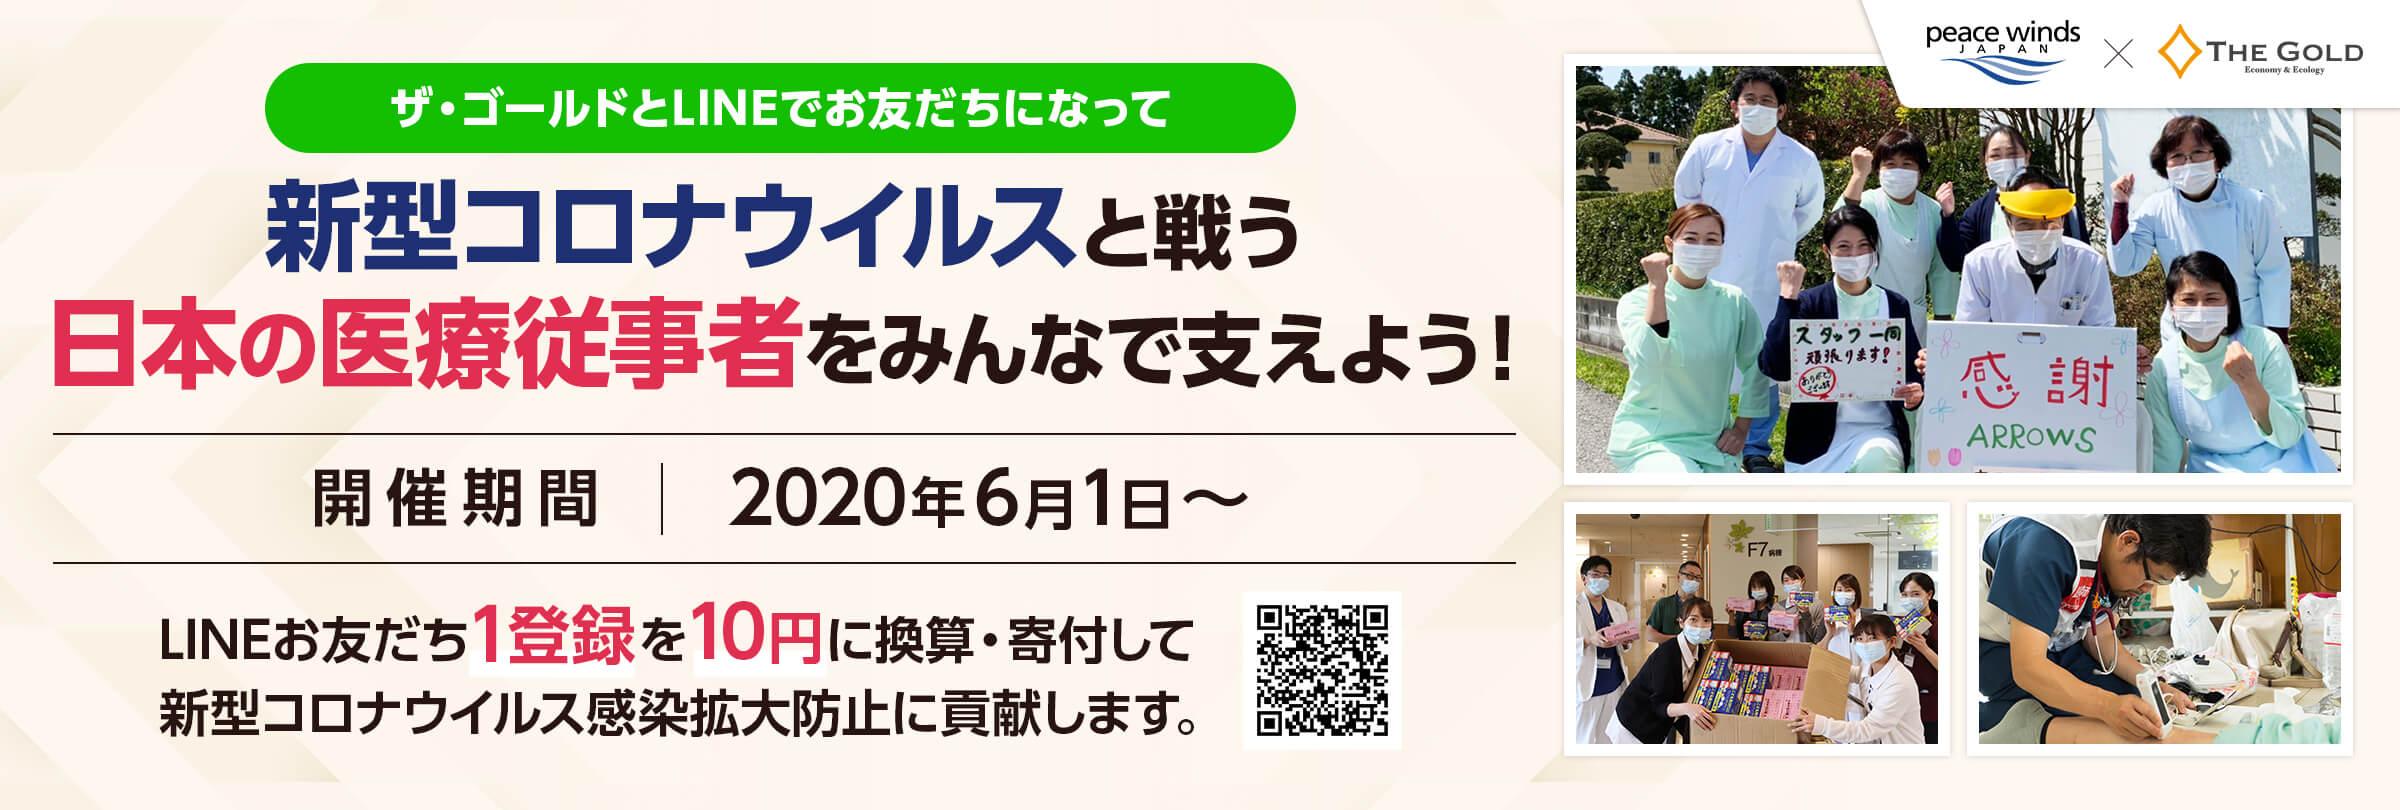 新型コロナウイルスと戦う日本の医療従事者をみんなで支えよう!